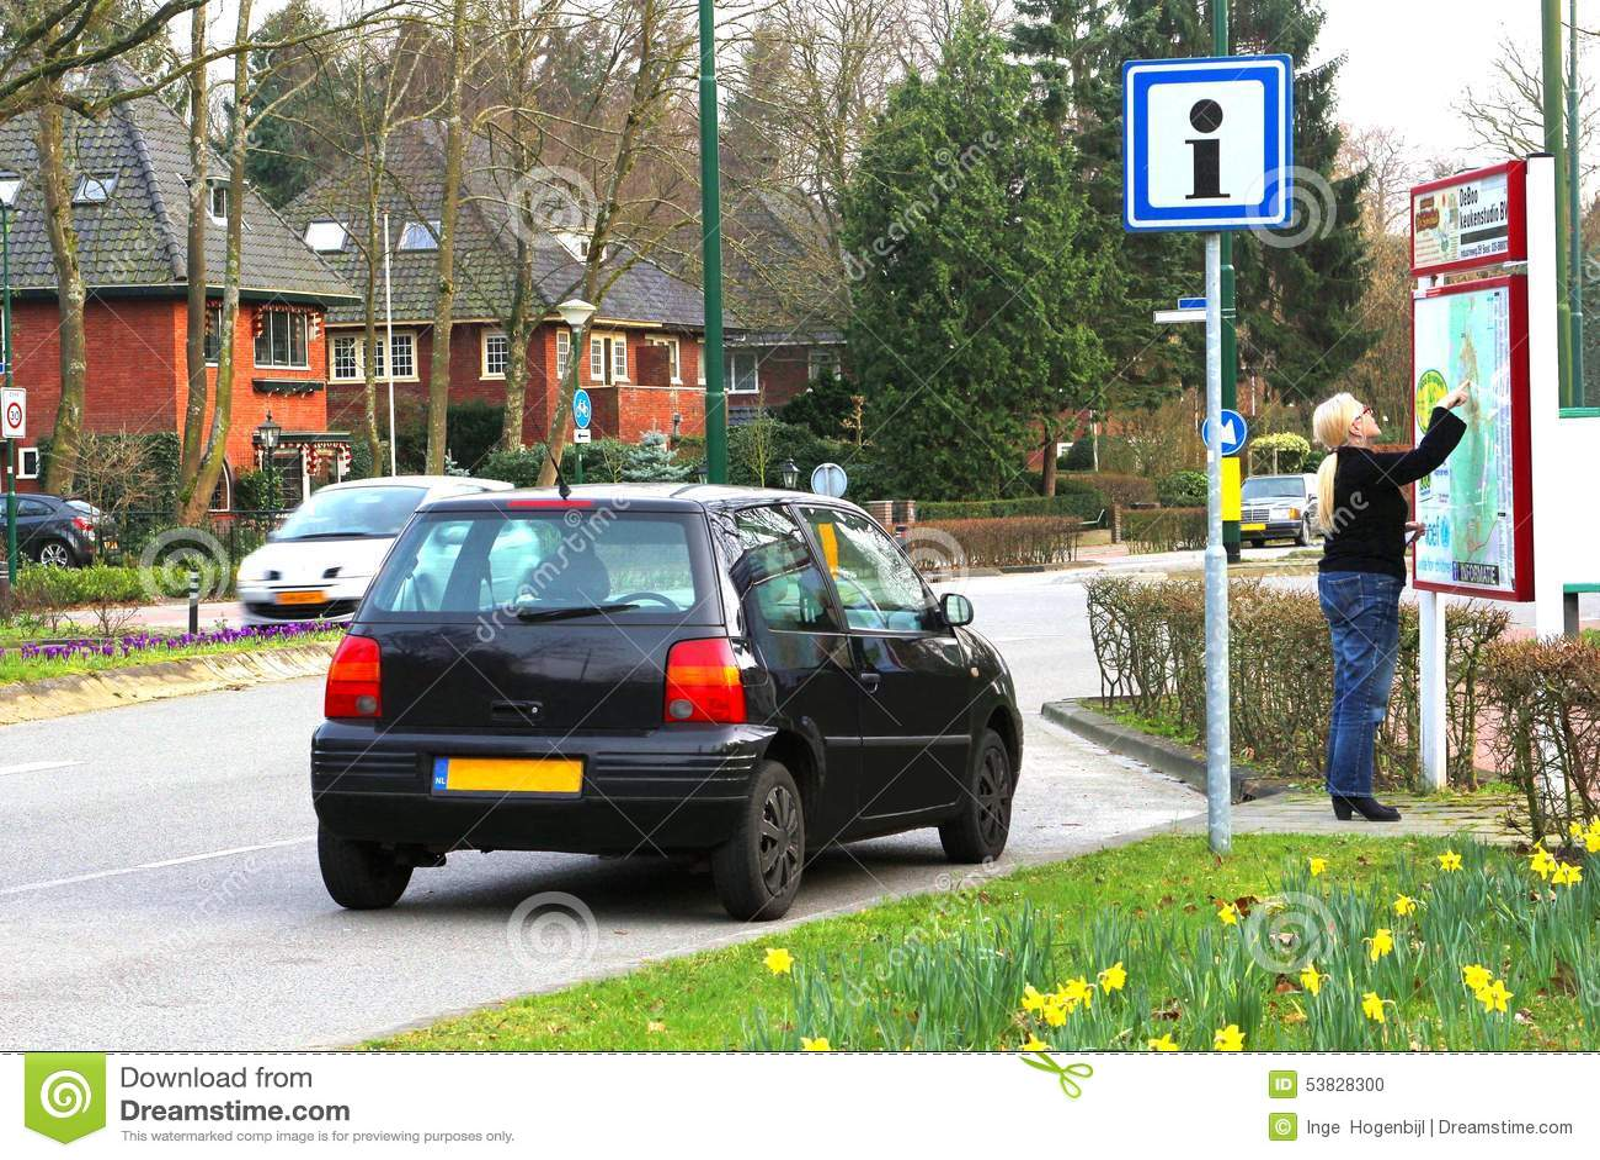 Den kvinnliga chauffören är borttappad och ser en gataöversikt, Nederländerna